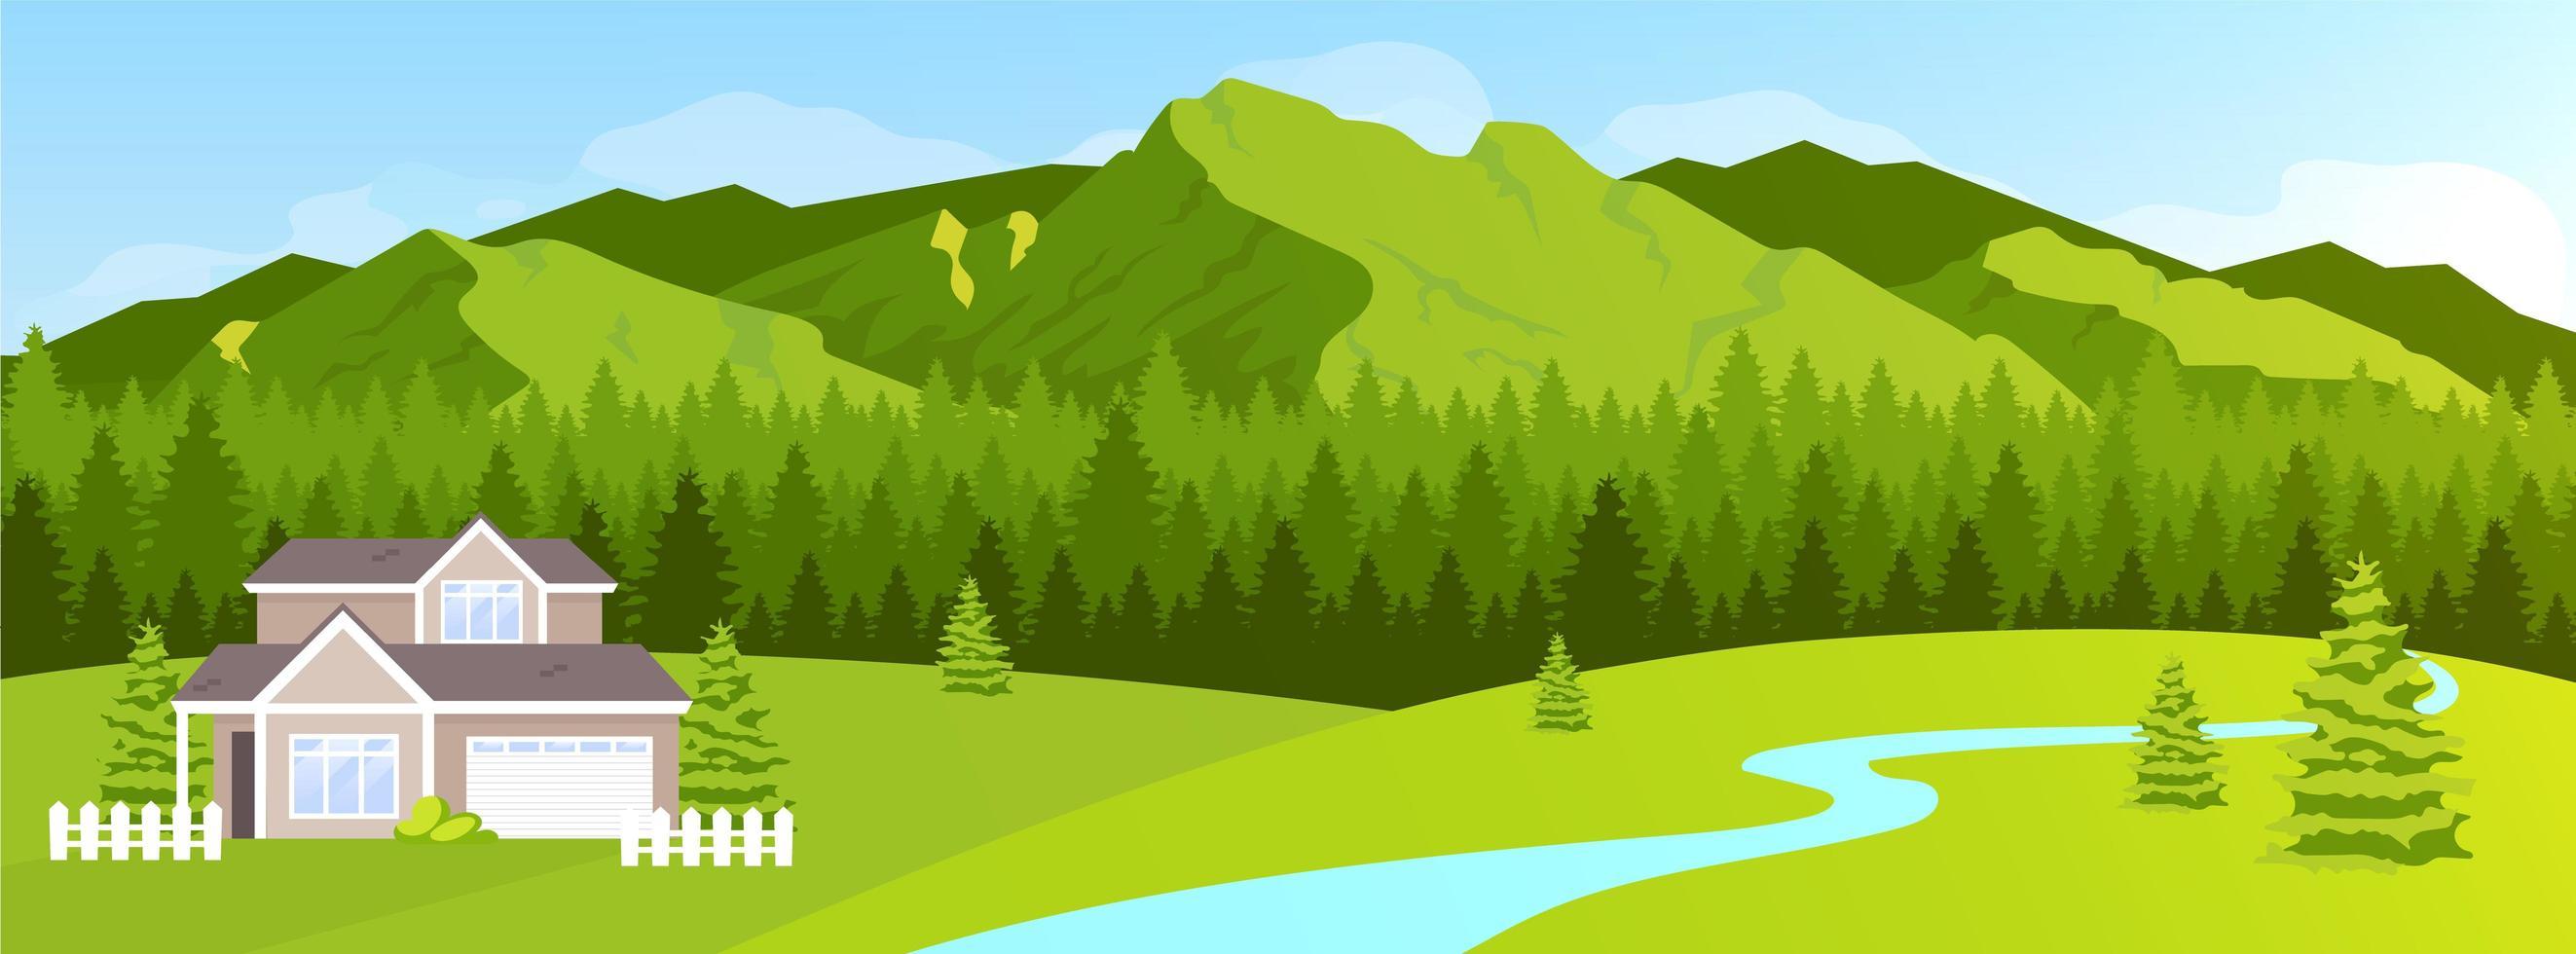 casa nas montanhas vetor